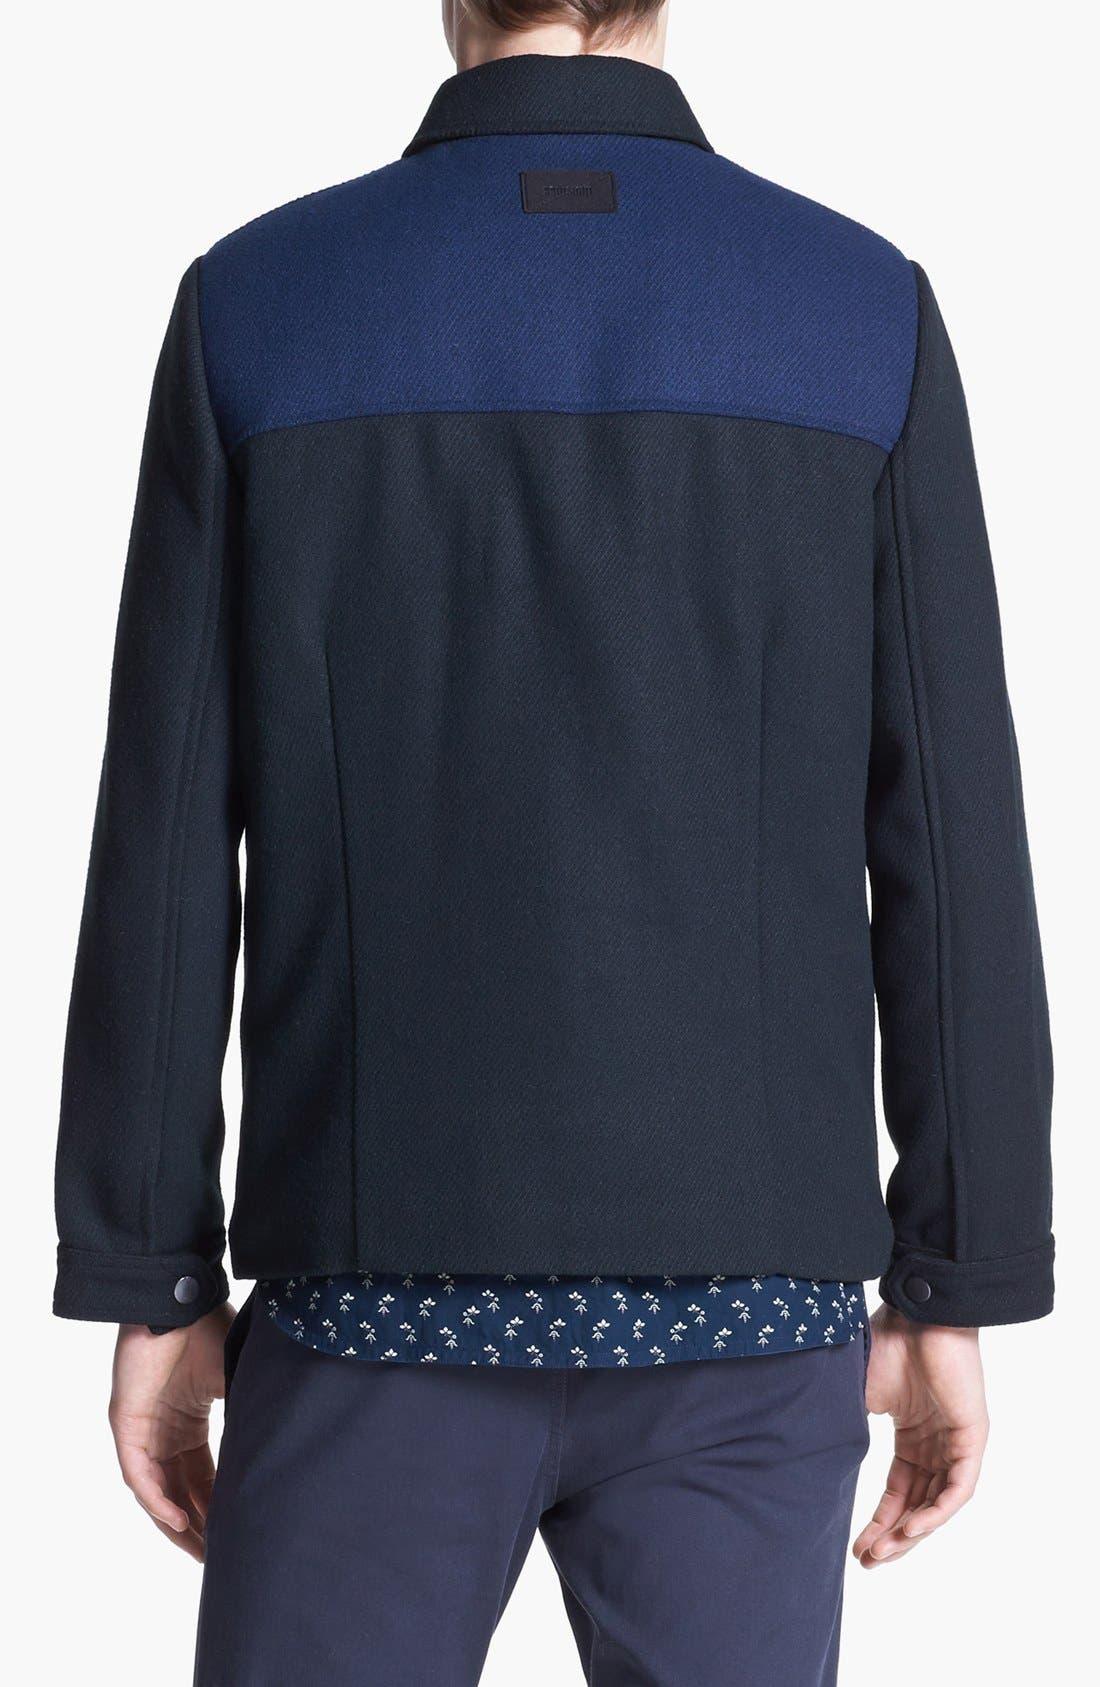 Alternate Image 2  - Insight 'Blazin' Knit Jacket